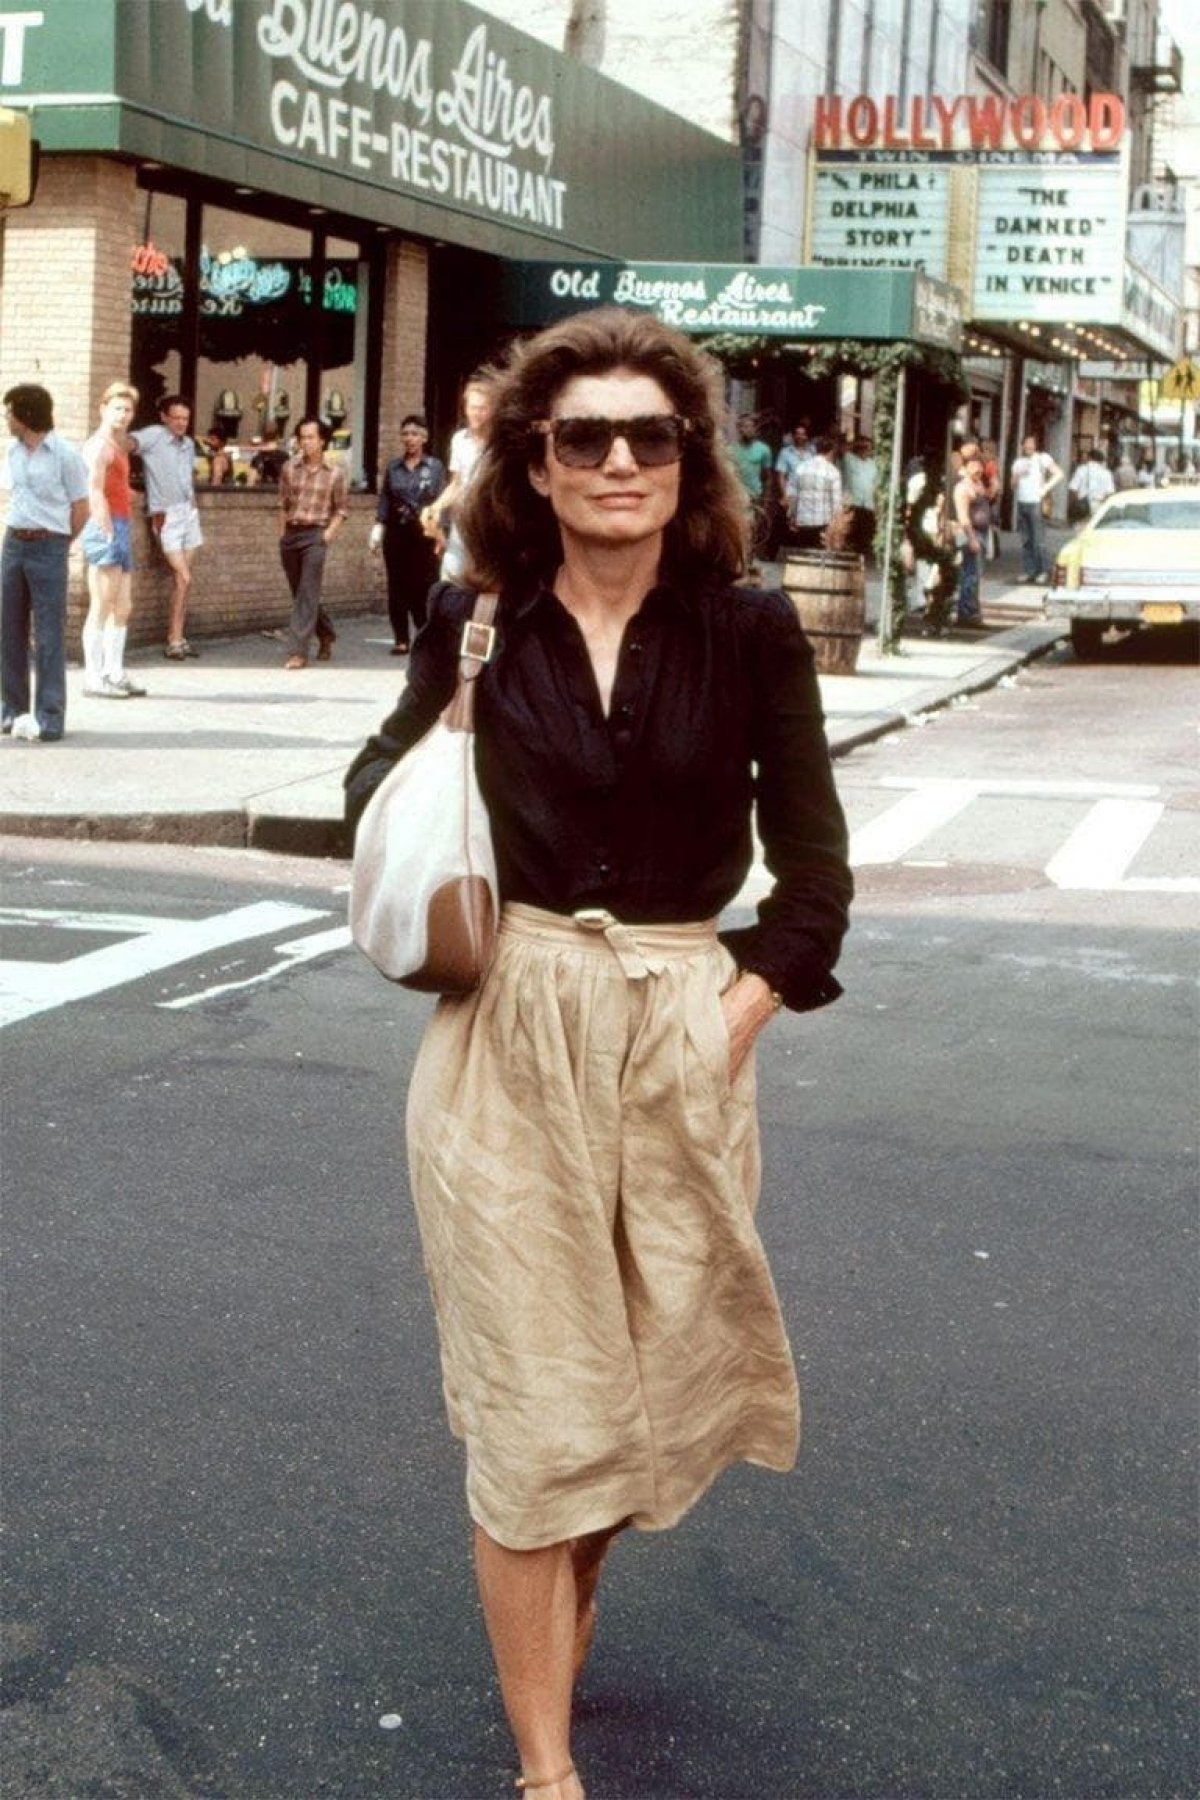 Cựu đệ nhất phu nhân Jackie Kennedy diện chiếc túiJackie 1961 của Gucci.